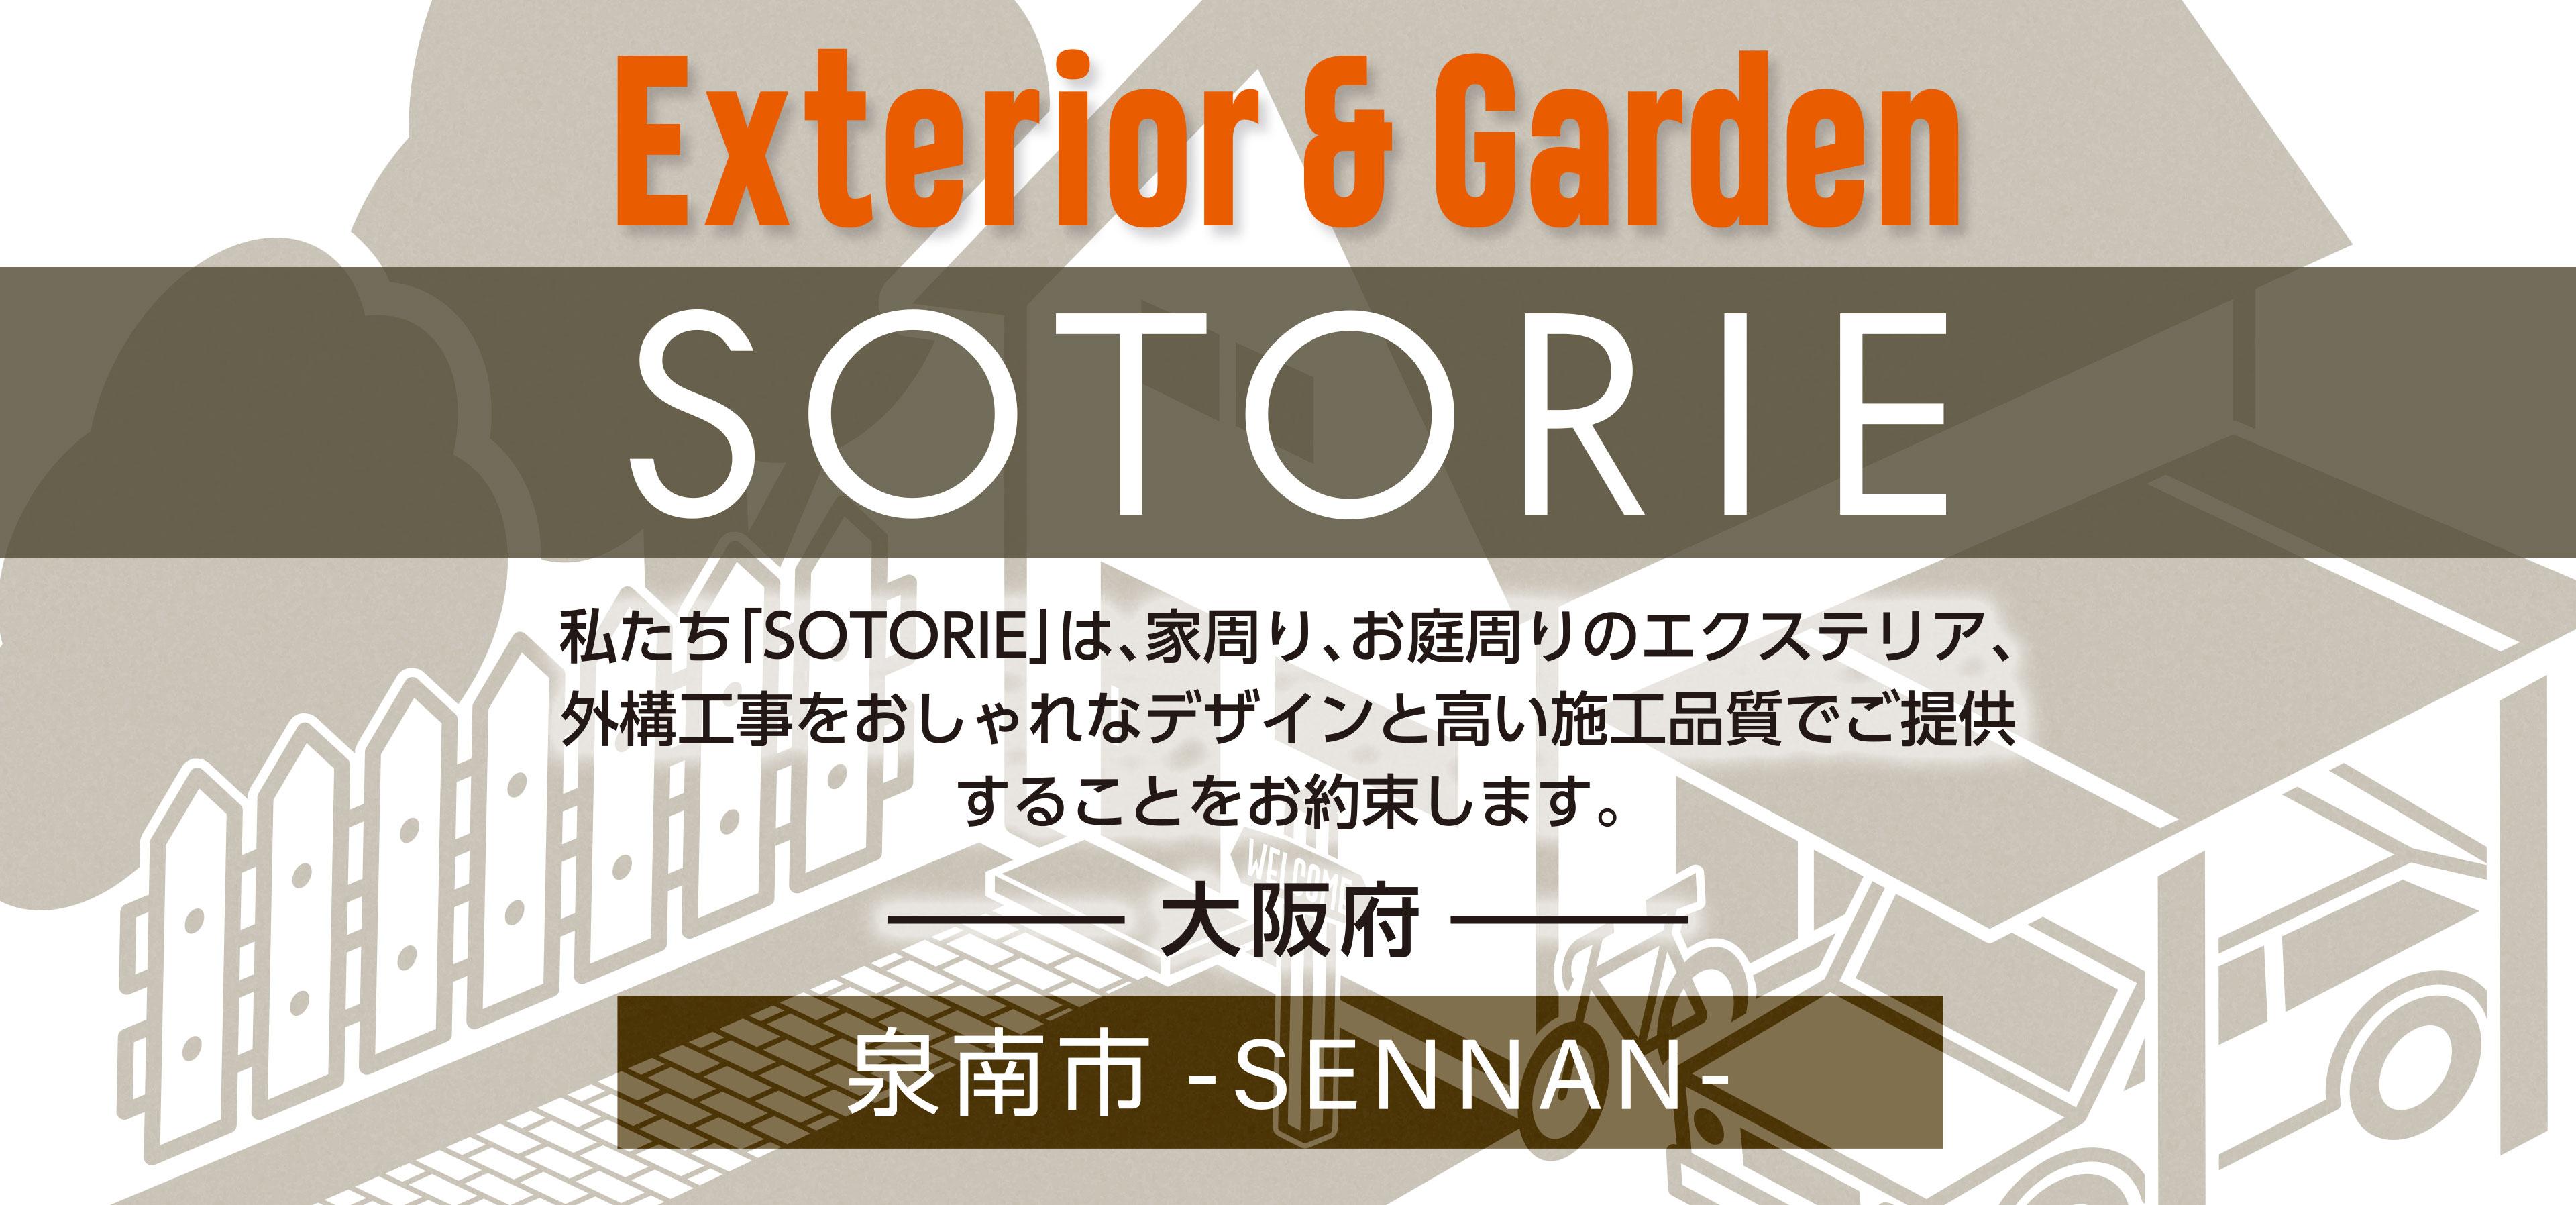 ソトリエ泉南市では、家周りと庭周りの外構、エクステリア工事をおしゃれなデザインと高い施工品質でご提供することをお約束します。